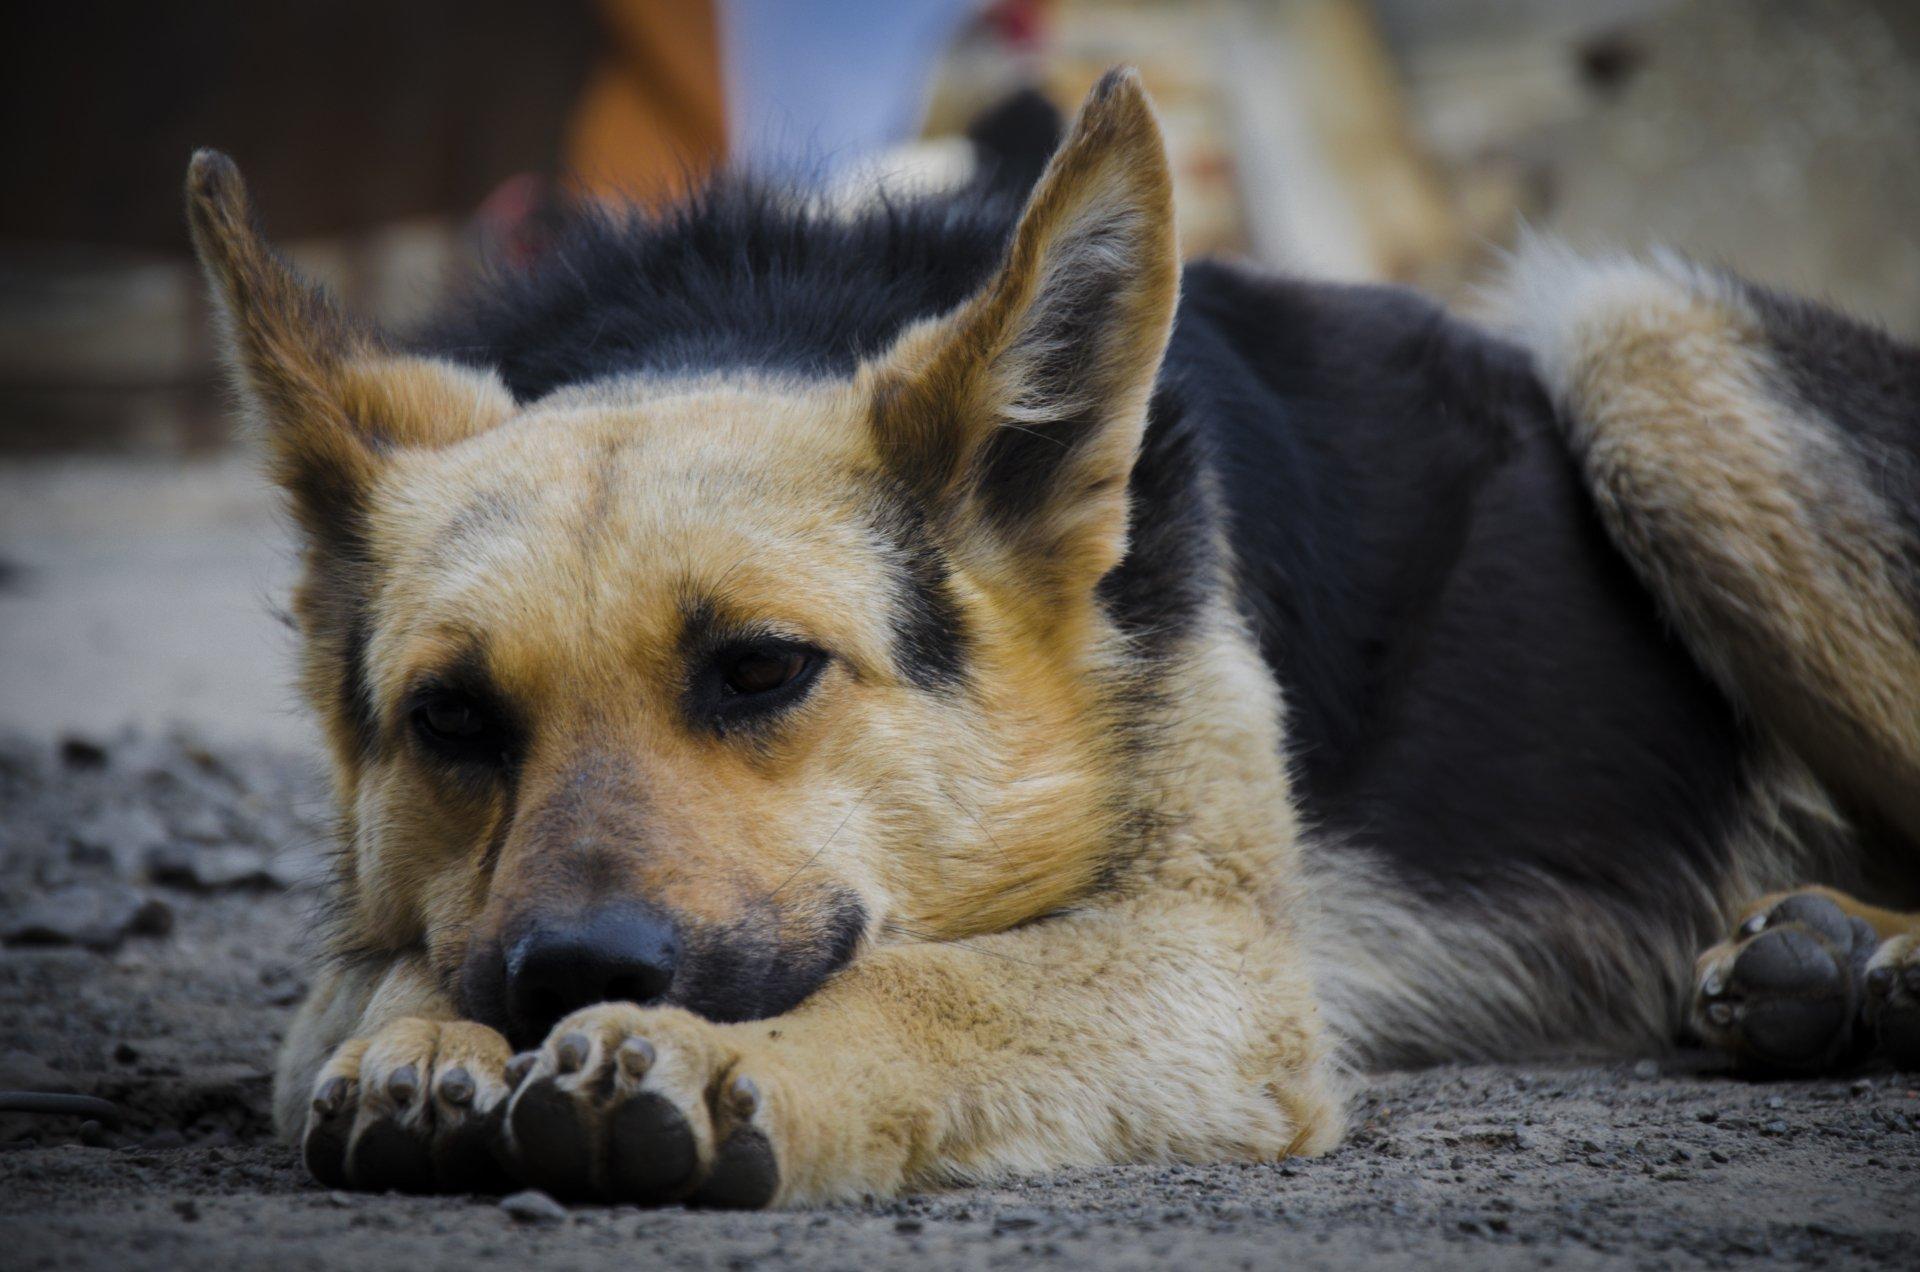 animals german shepherd desktop - photo #24